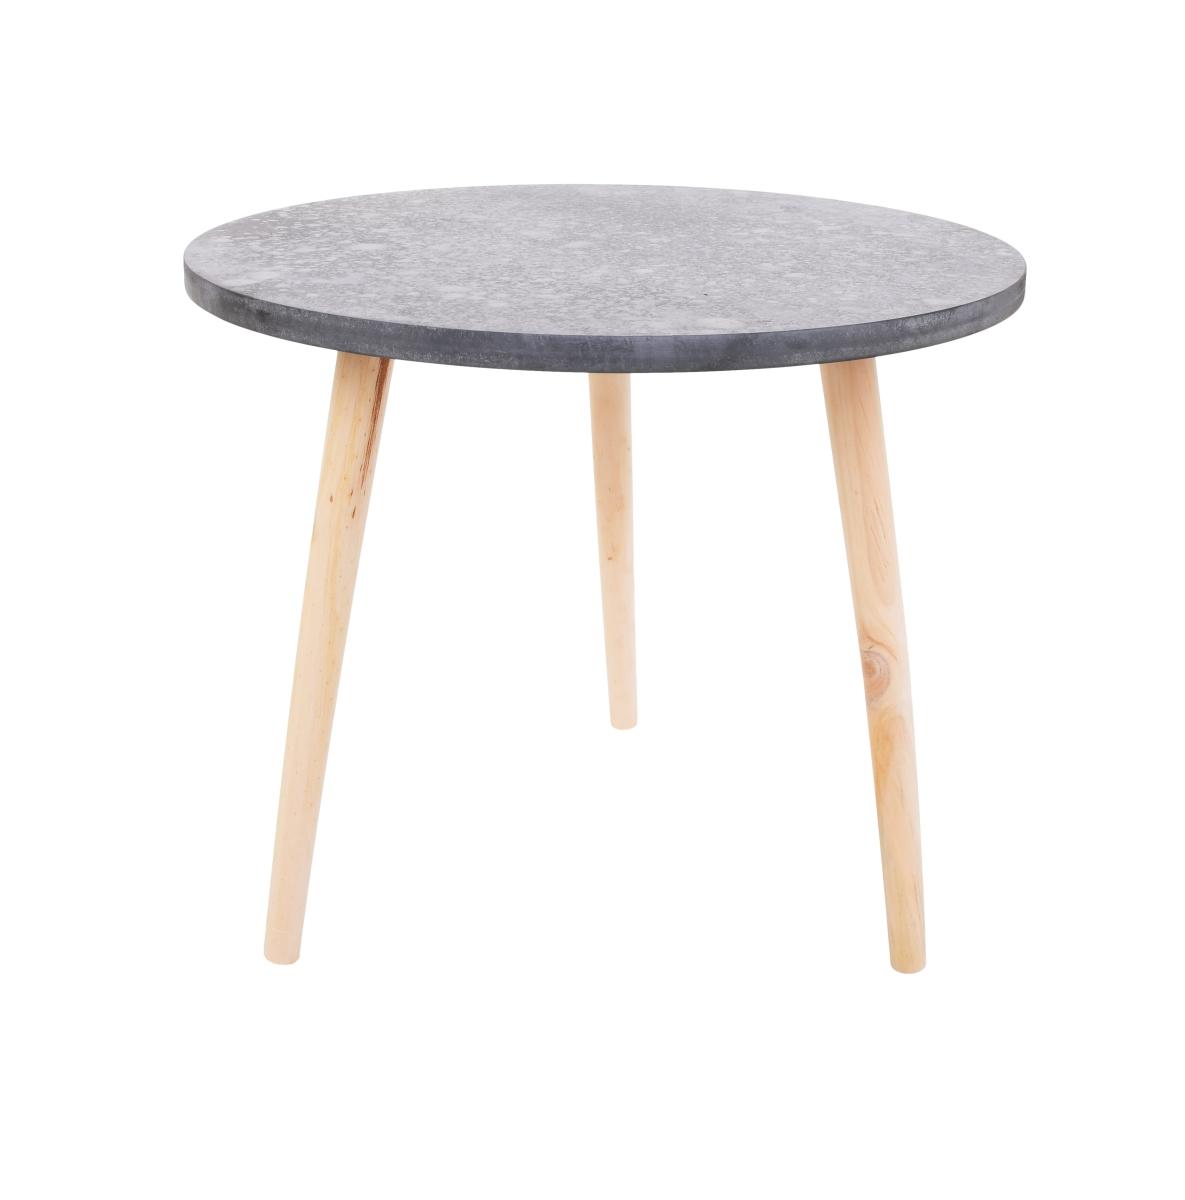 Kulatý stolek Trojnožka šedý, střední